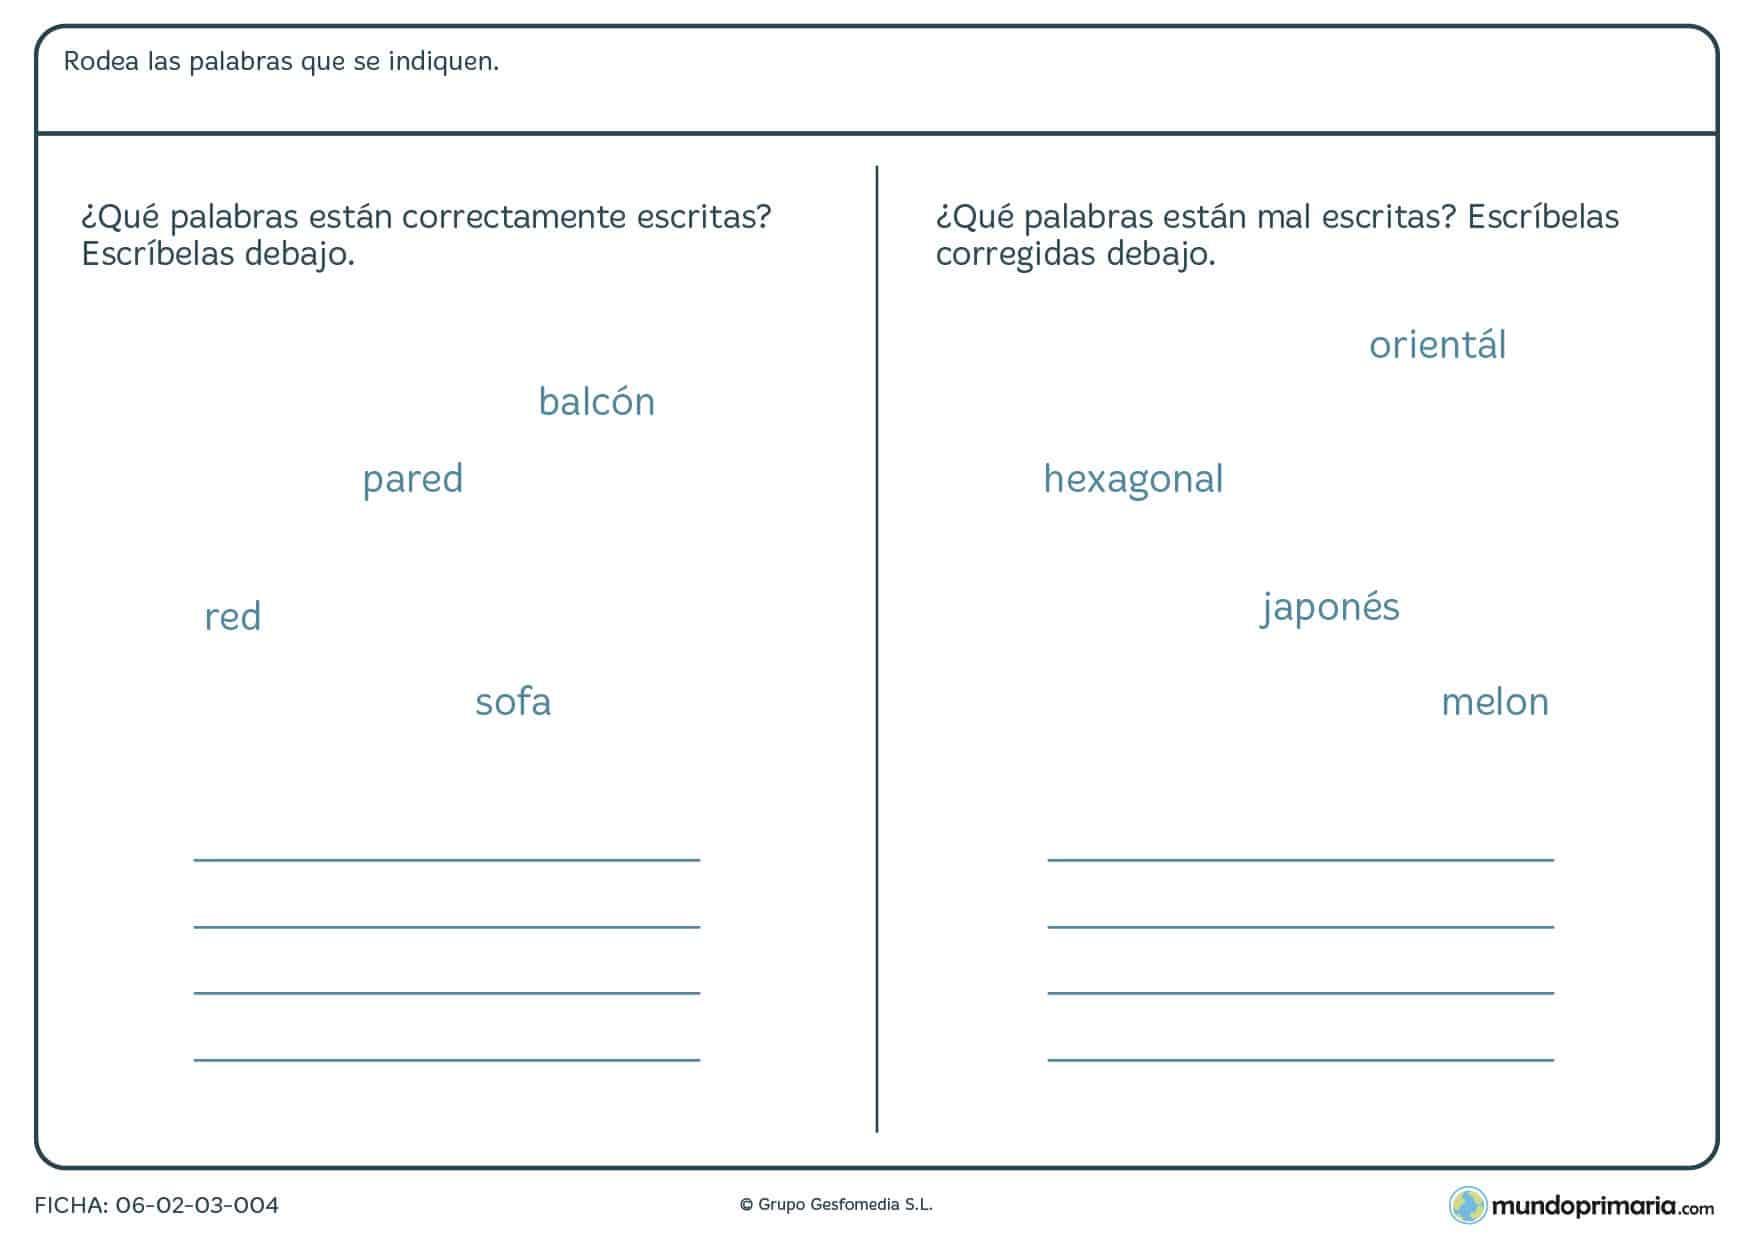 Ficha de palabras bien o mal escritas, corrige y escribe de nuevo las palabras según te pedimos.